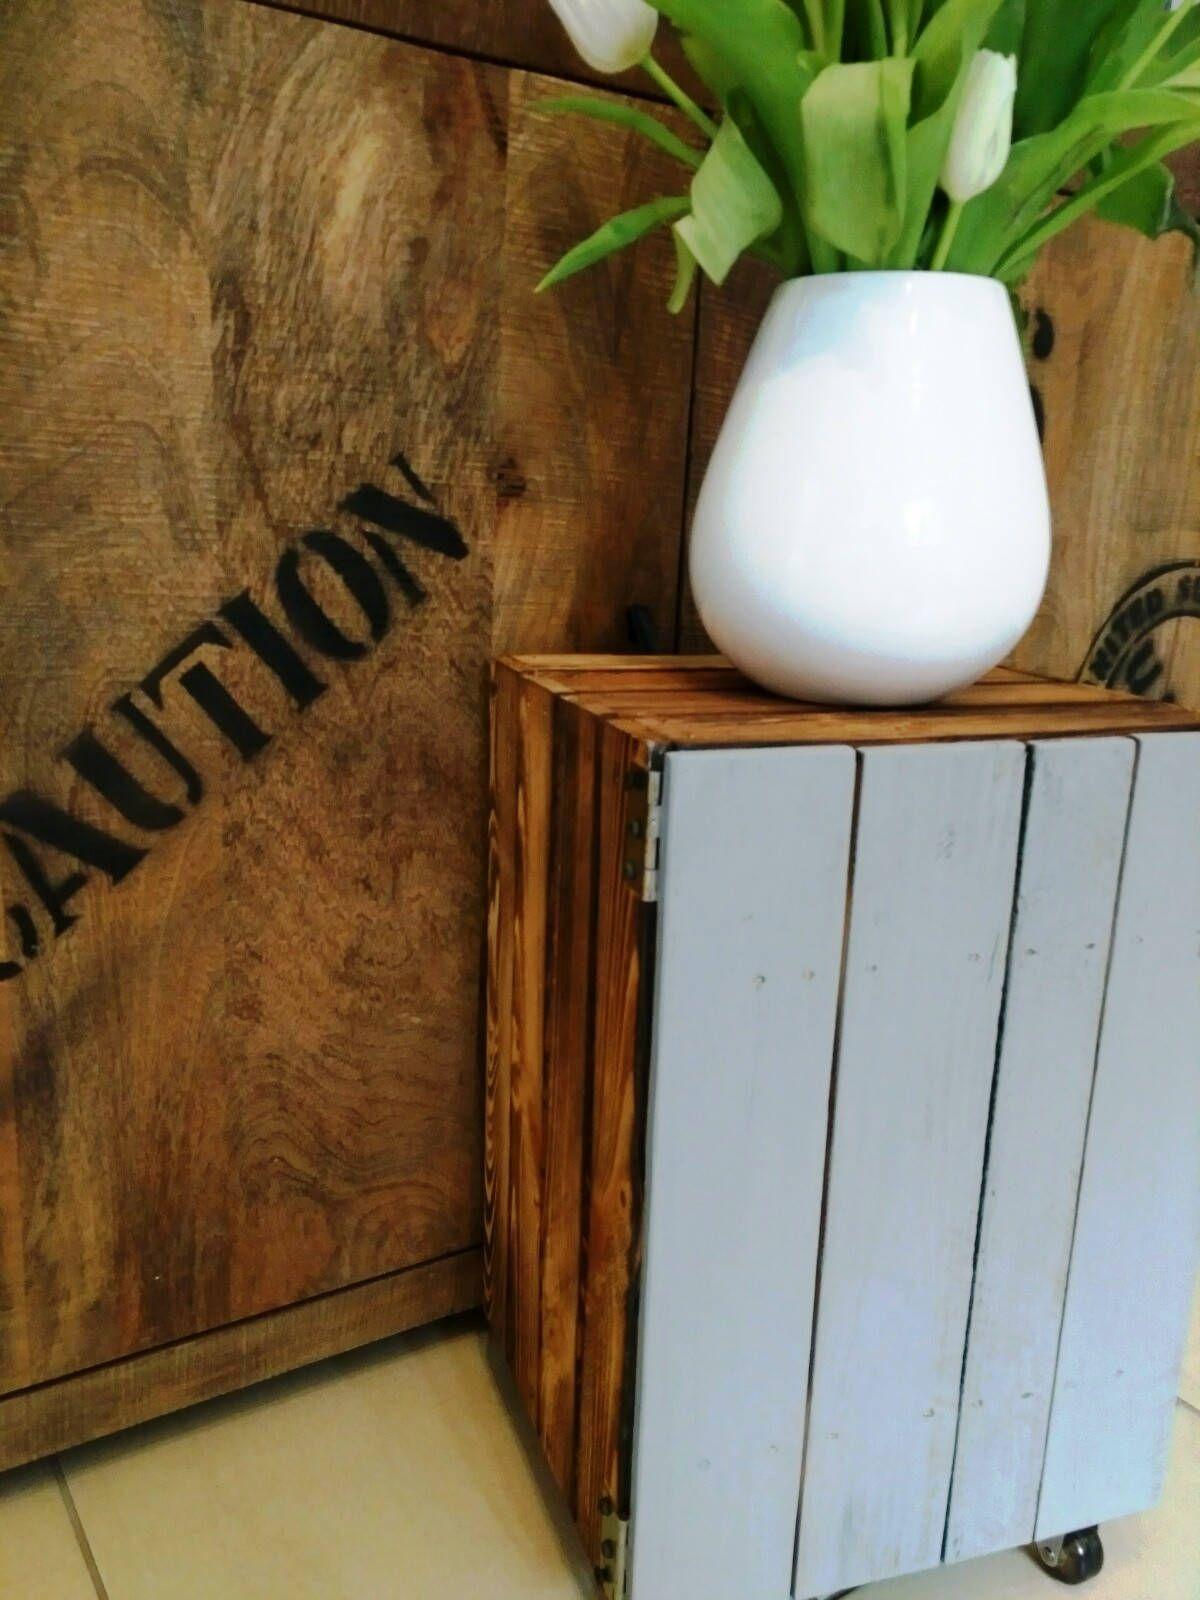 Couchtisch Nachttisch Beistelltisch Flurschrank Telefontisch Nachttisch Holzkiste Mit Tur Nachtschrank Badschrank Kiste Truhe Holzschrank Selbstgemachte Wandkunst Holzkisten Holz Handwerk